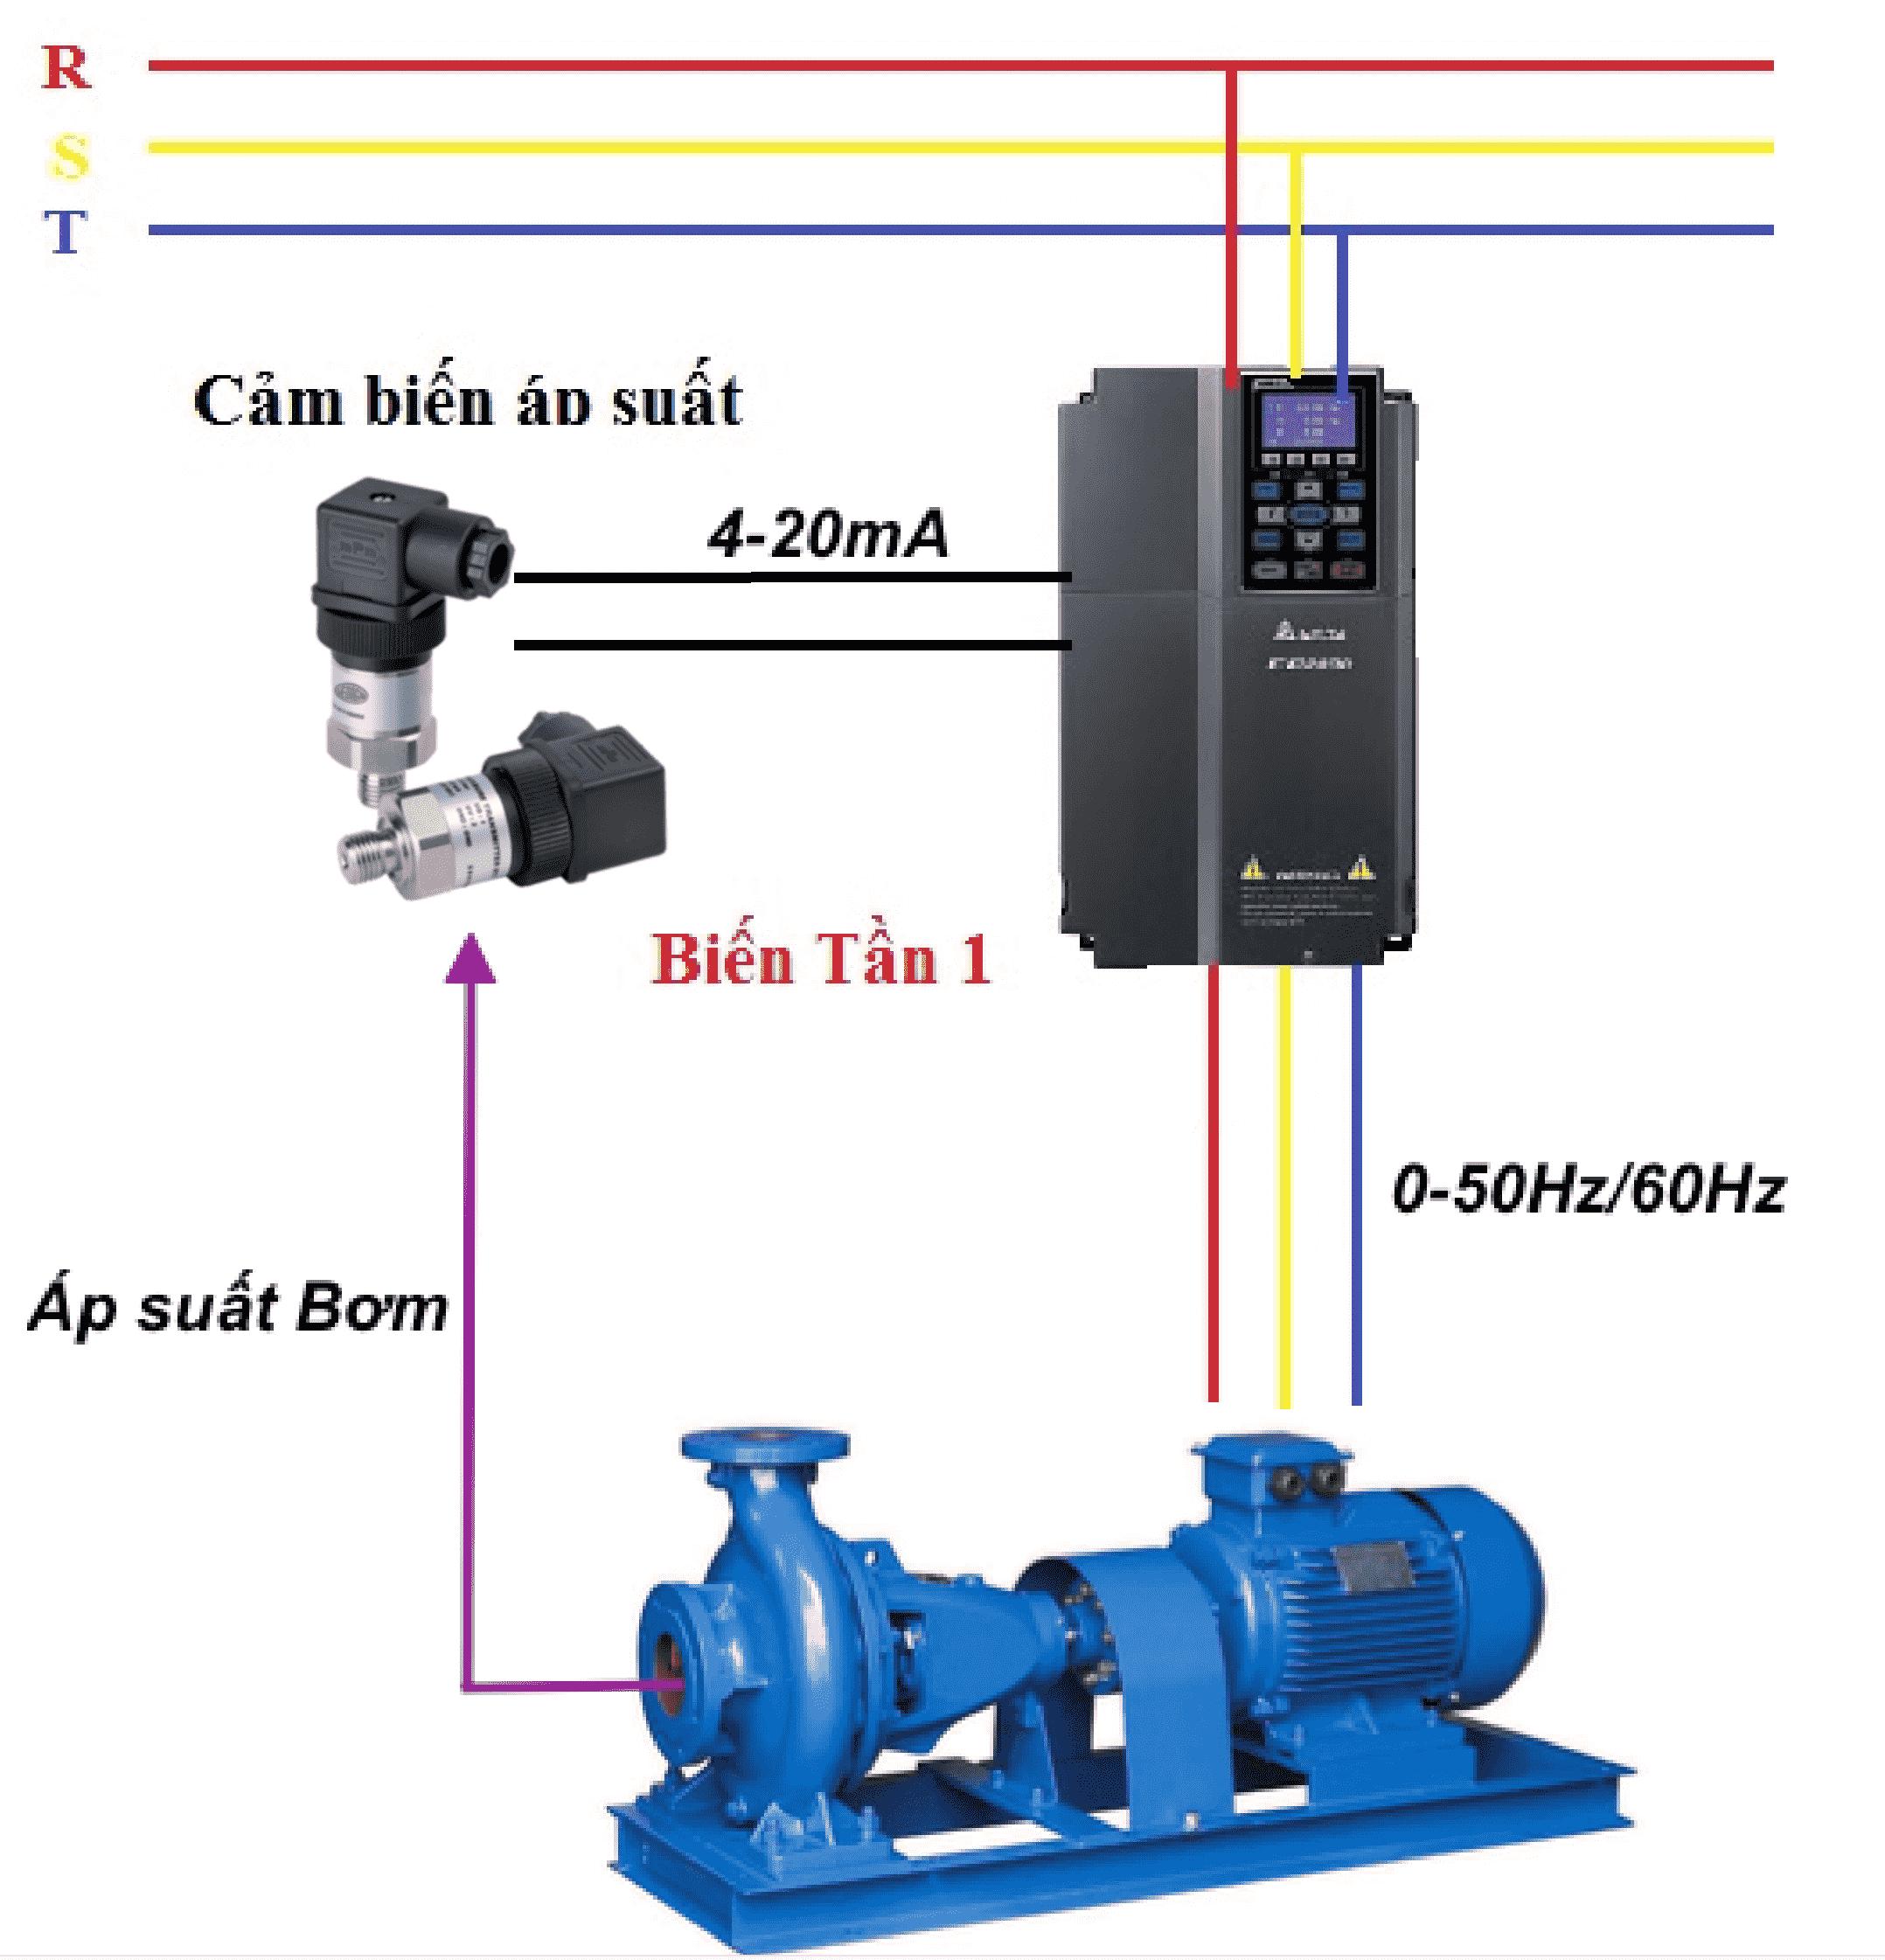 cách đấu dây cảm biến áp suất 4-20mA